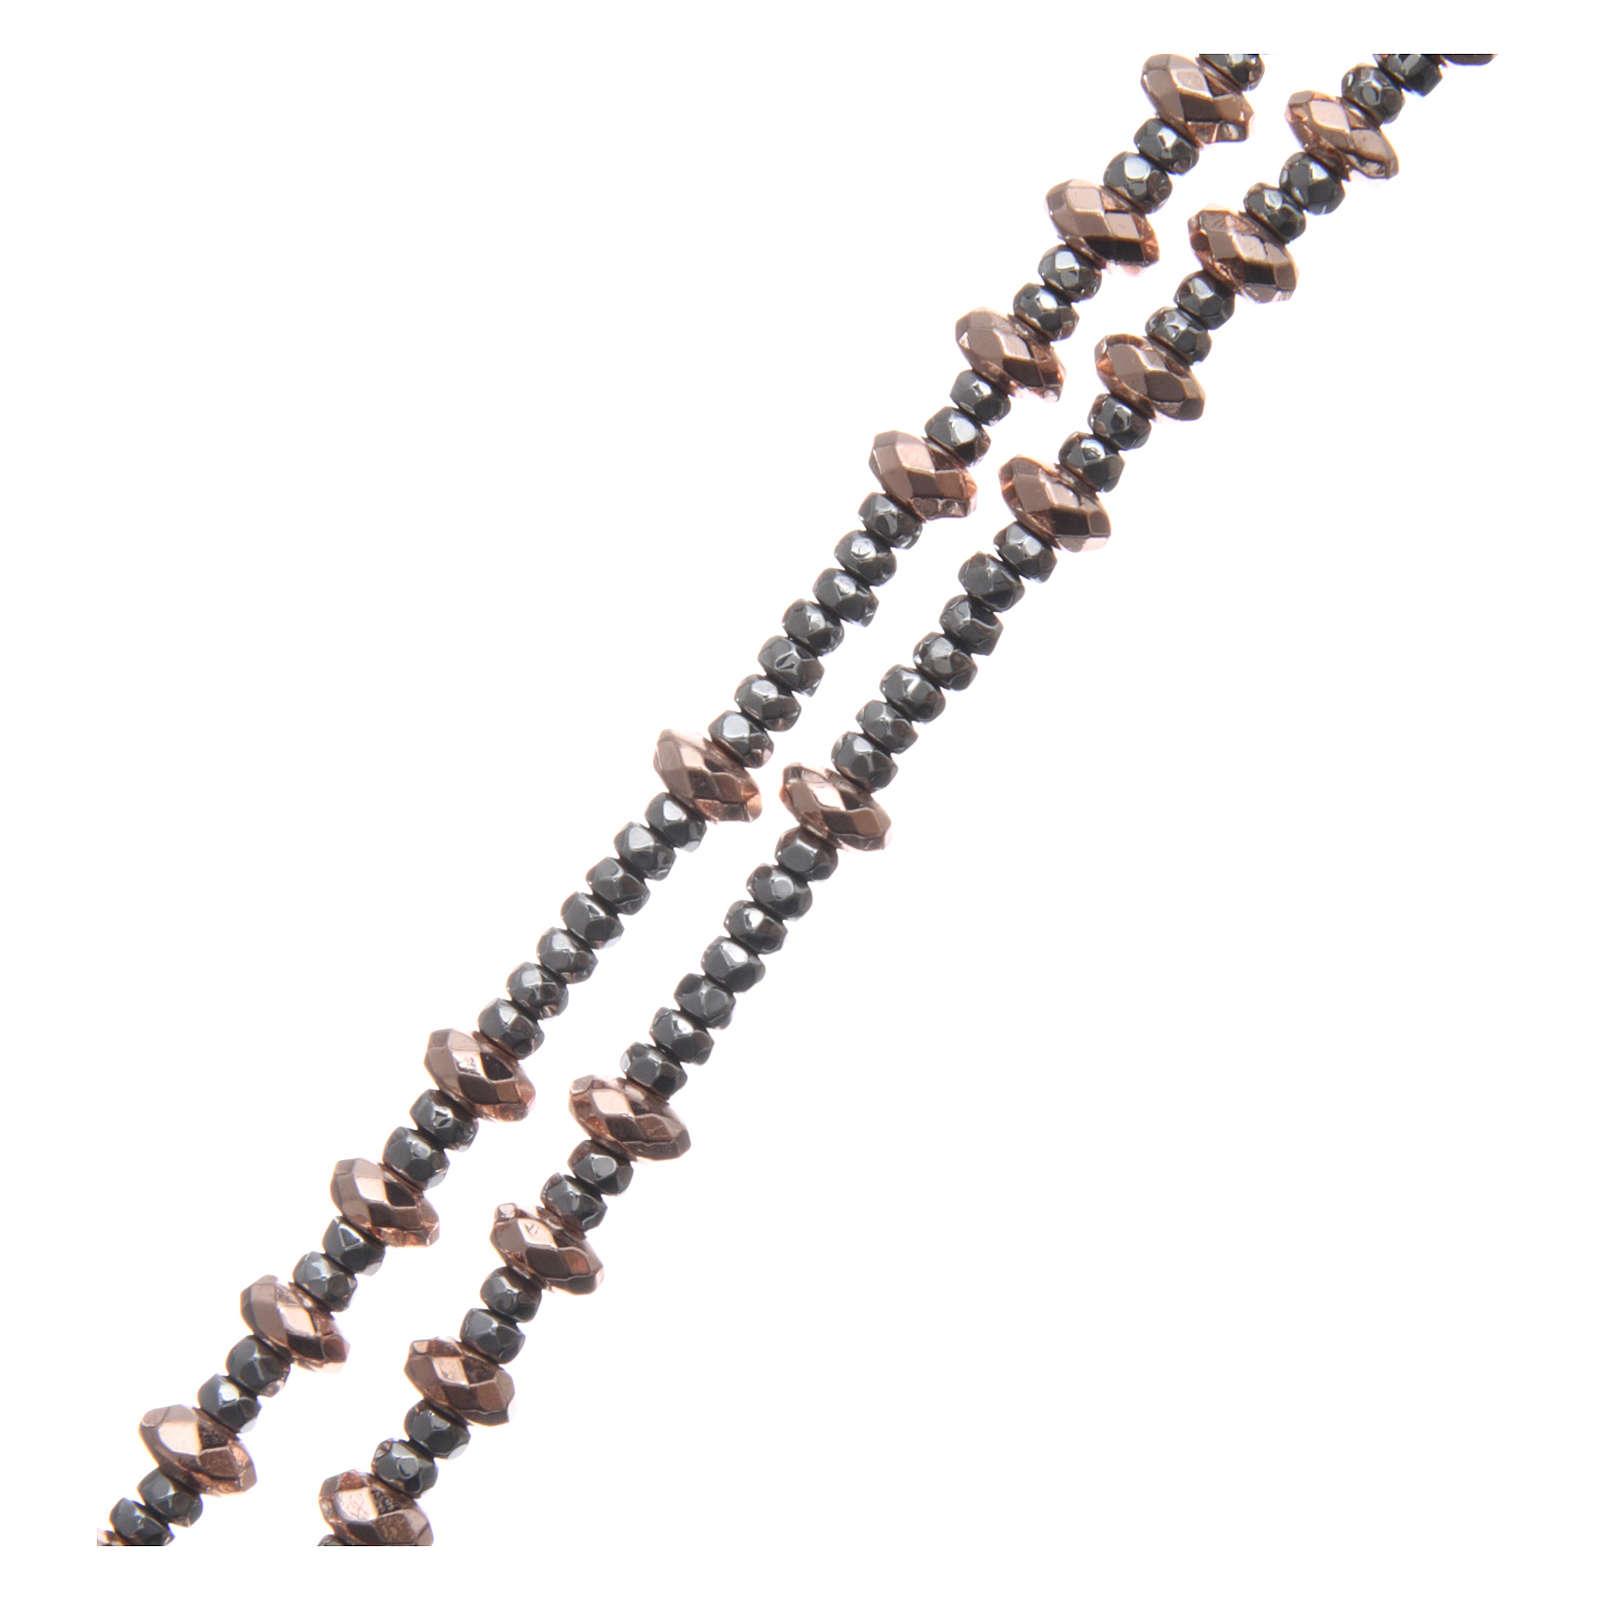 Różaniec srebro 925 linka krążki kulki hematyt rose' szlifowany 4